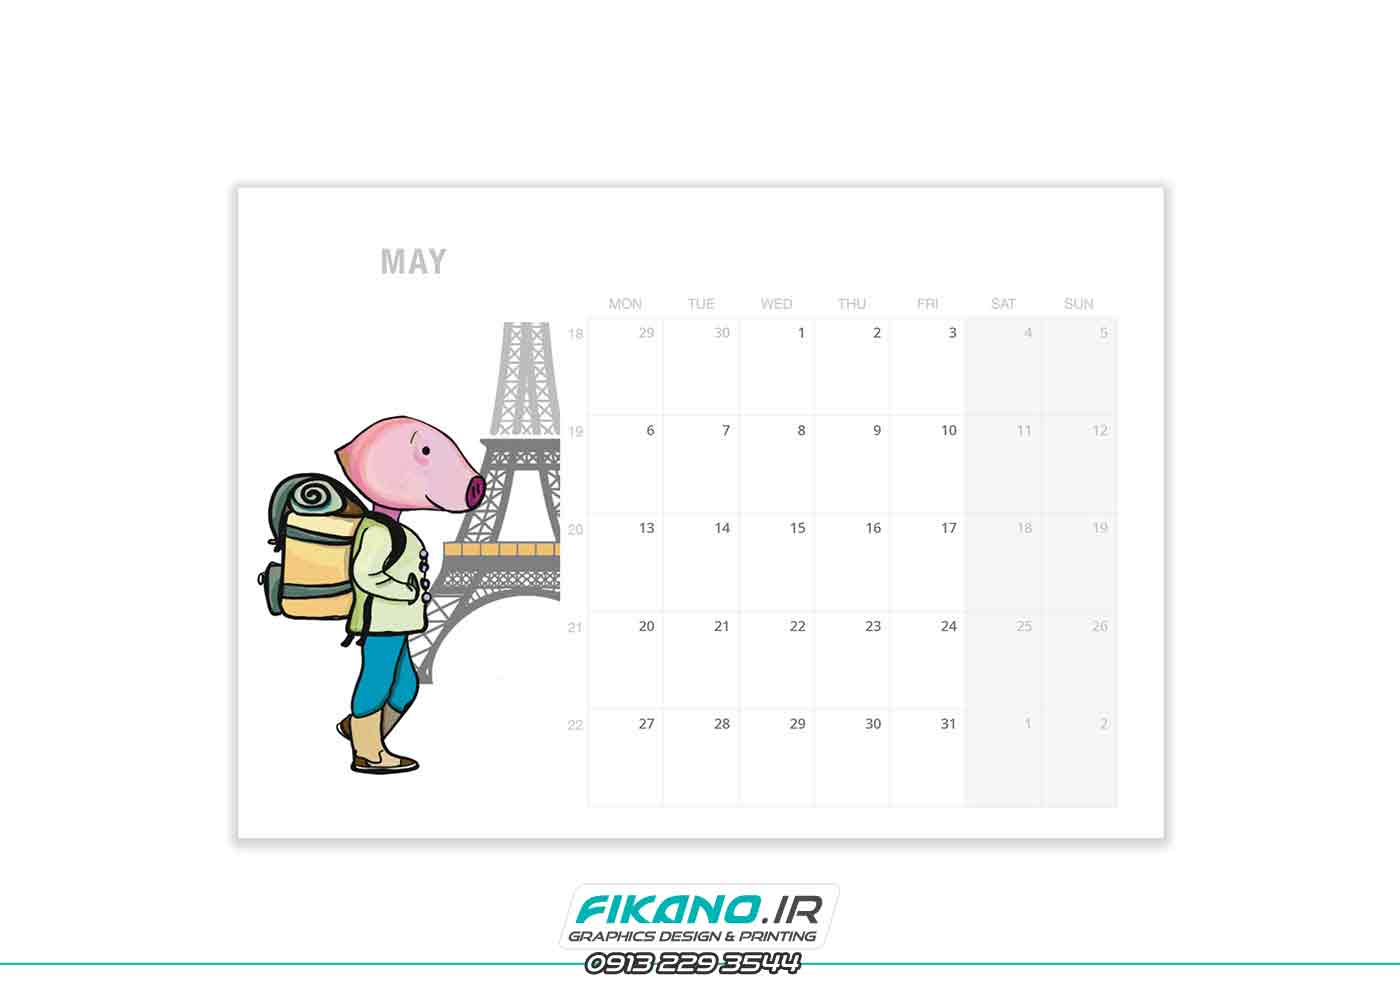 سفارش تصویرسازی کامپیوتری و دستی - وب سایت فیکانو www.fikano.ir